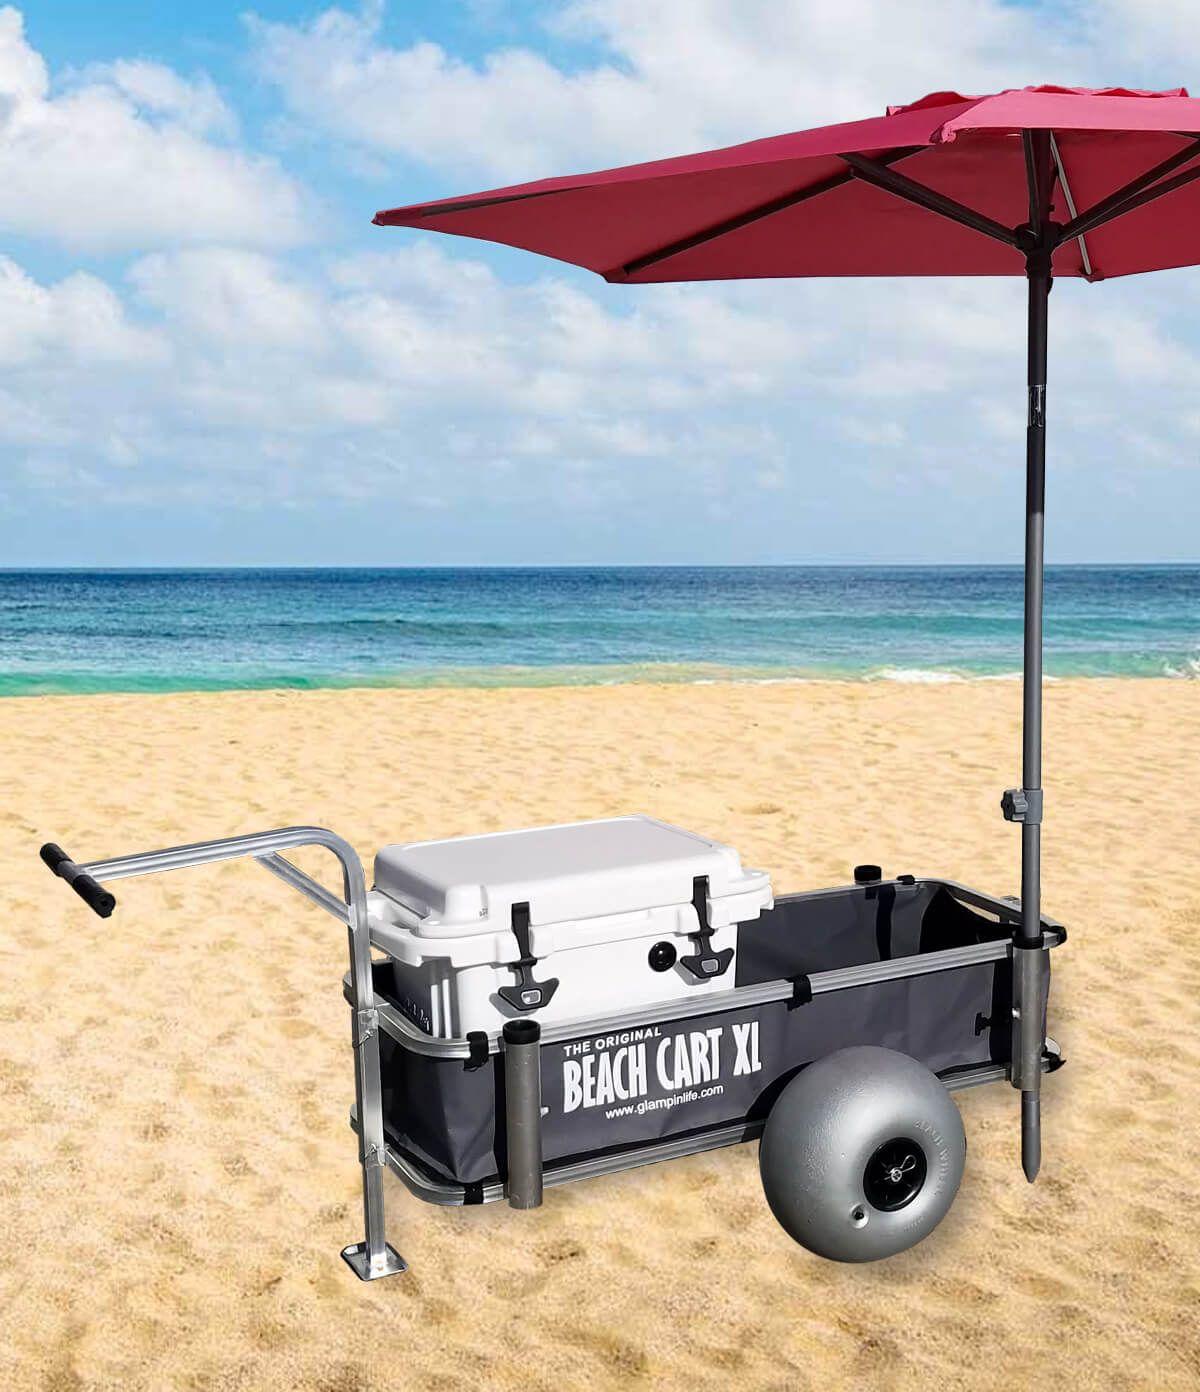 Beach Cart XL Beach Cart with Balloon Wheels, Chair